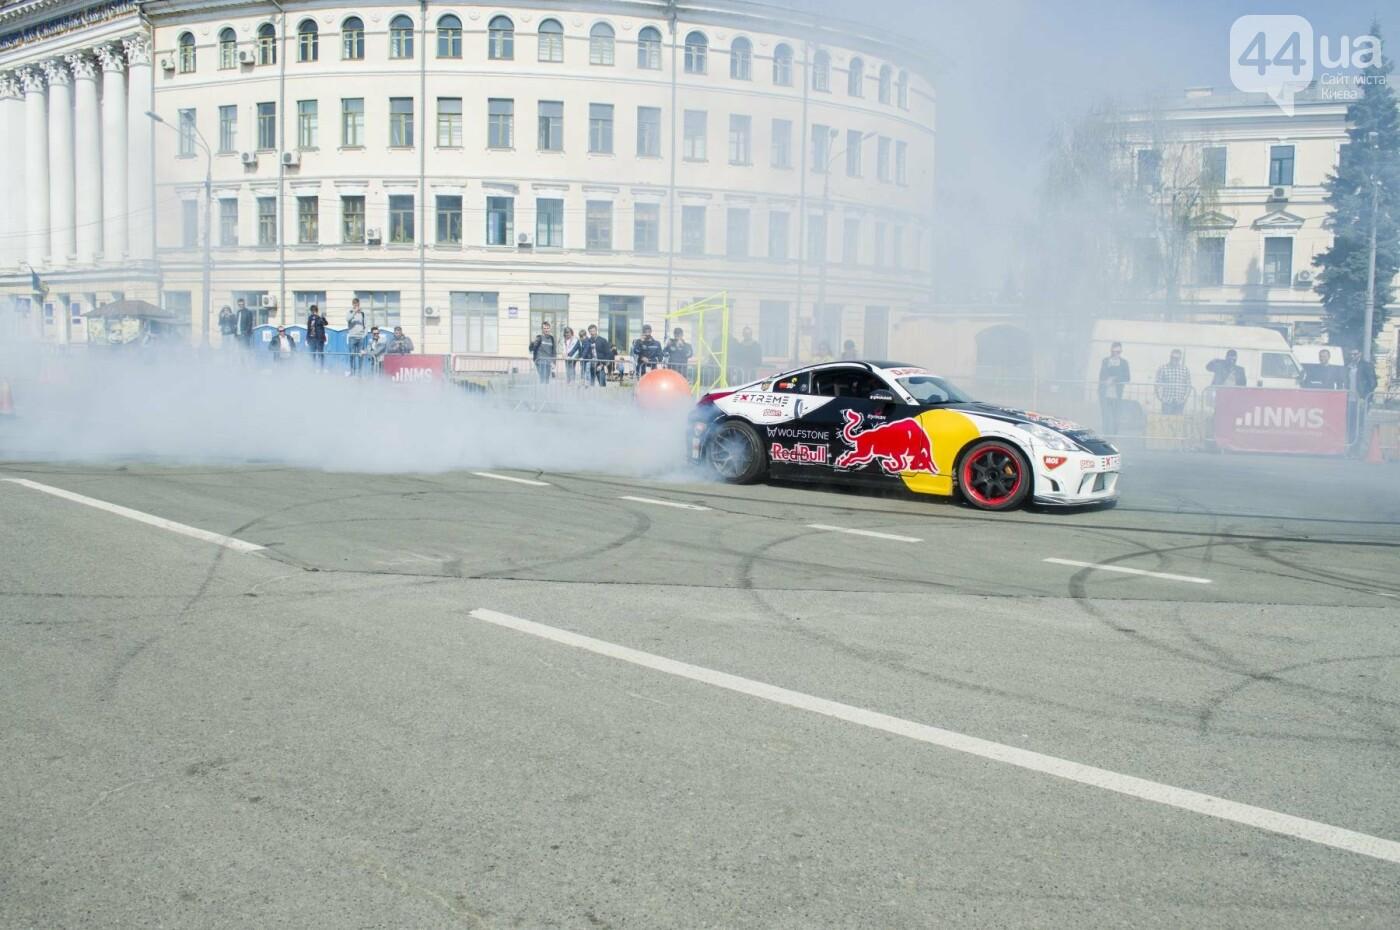 Мотогонки, автошоу патрульных и мощный дрифт: на Подоле проходит масштабный фестиваль драйва, фото-11